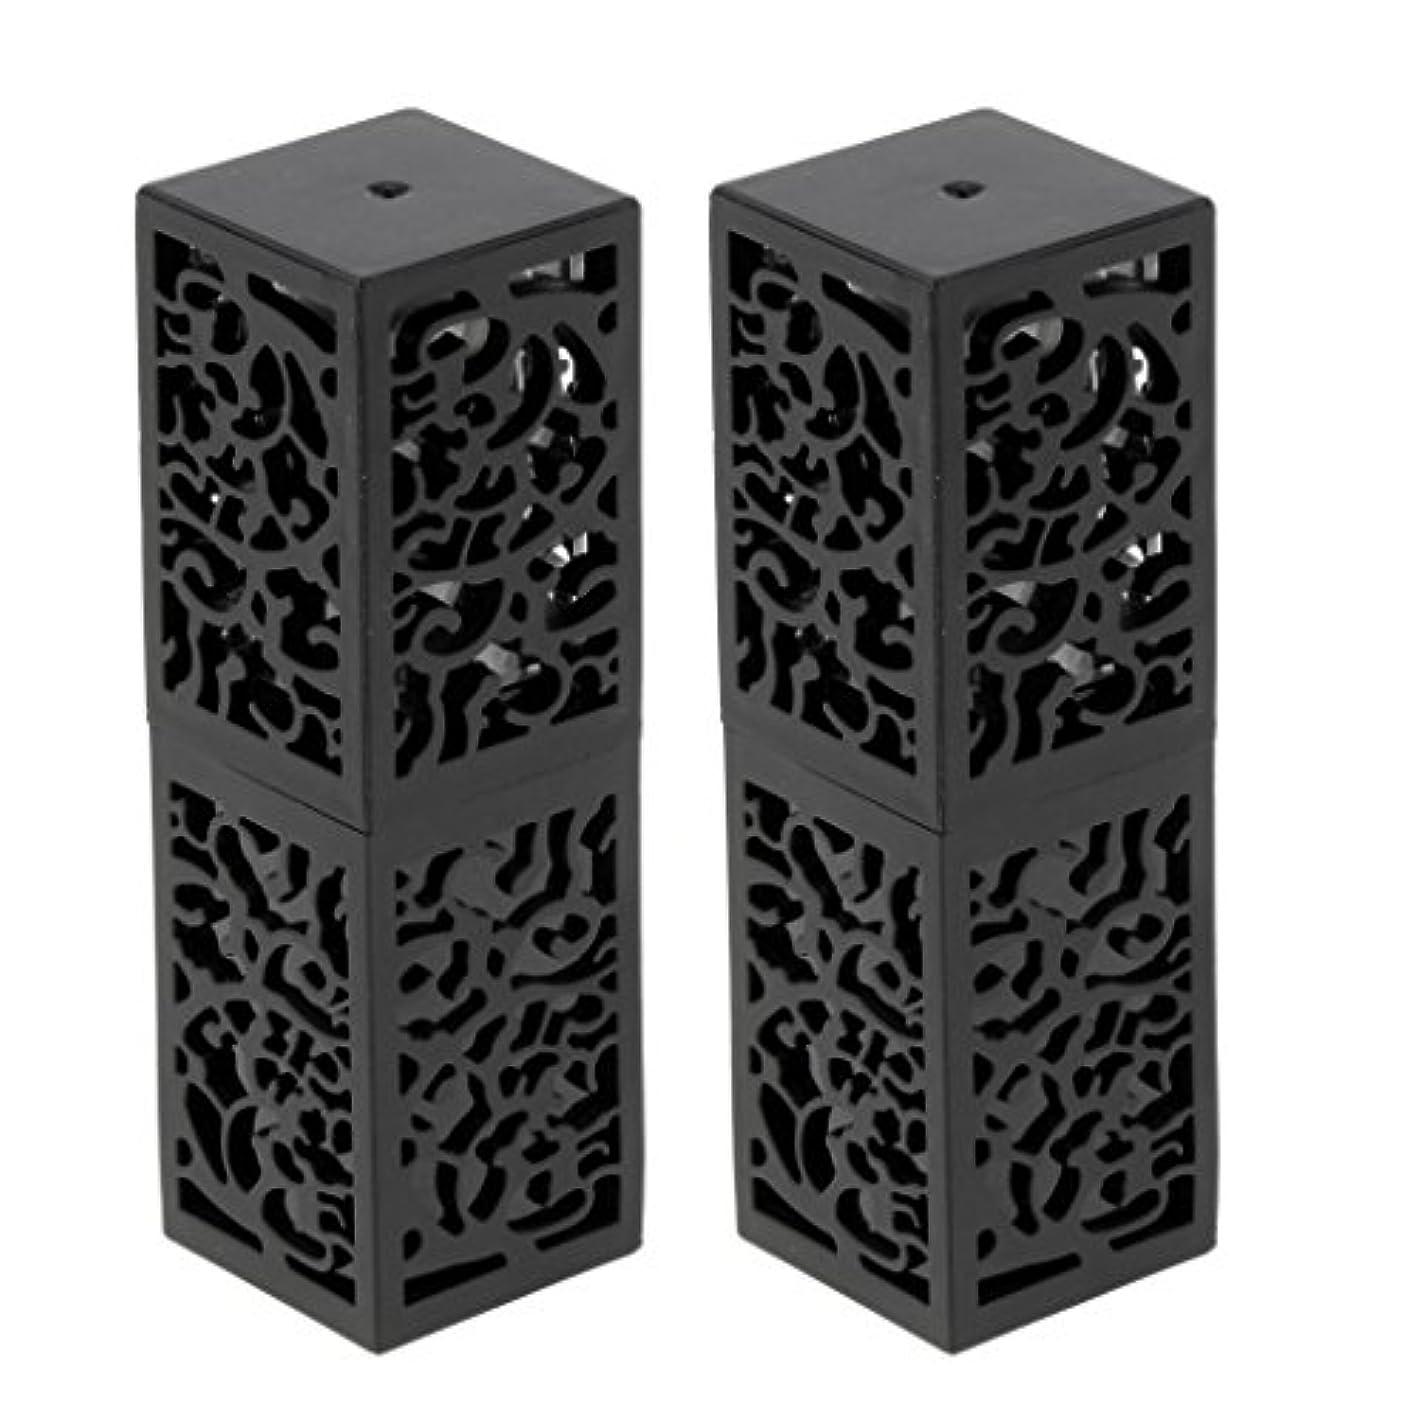 砦器具ふざけた2ピース粘着性空リップクリームスティックチューブ口紅チューブ非毒性、耐熱性、耐久性、再利用可能なファンデーション化粧品ツール - ブラック